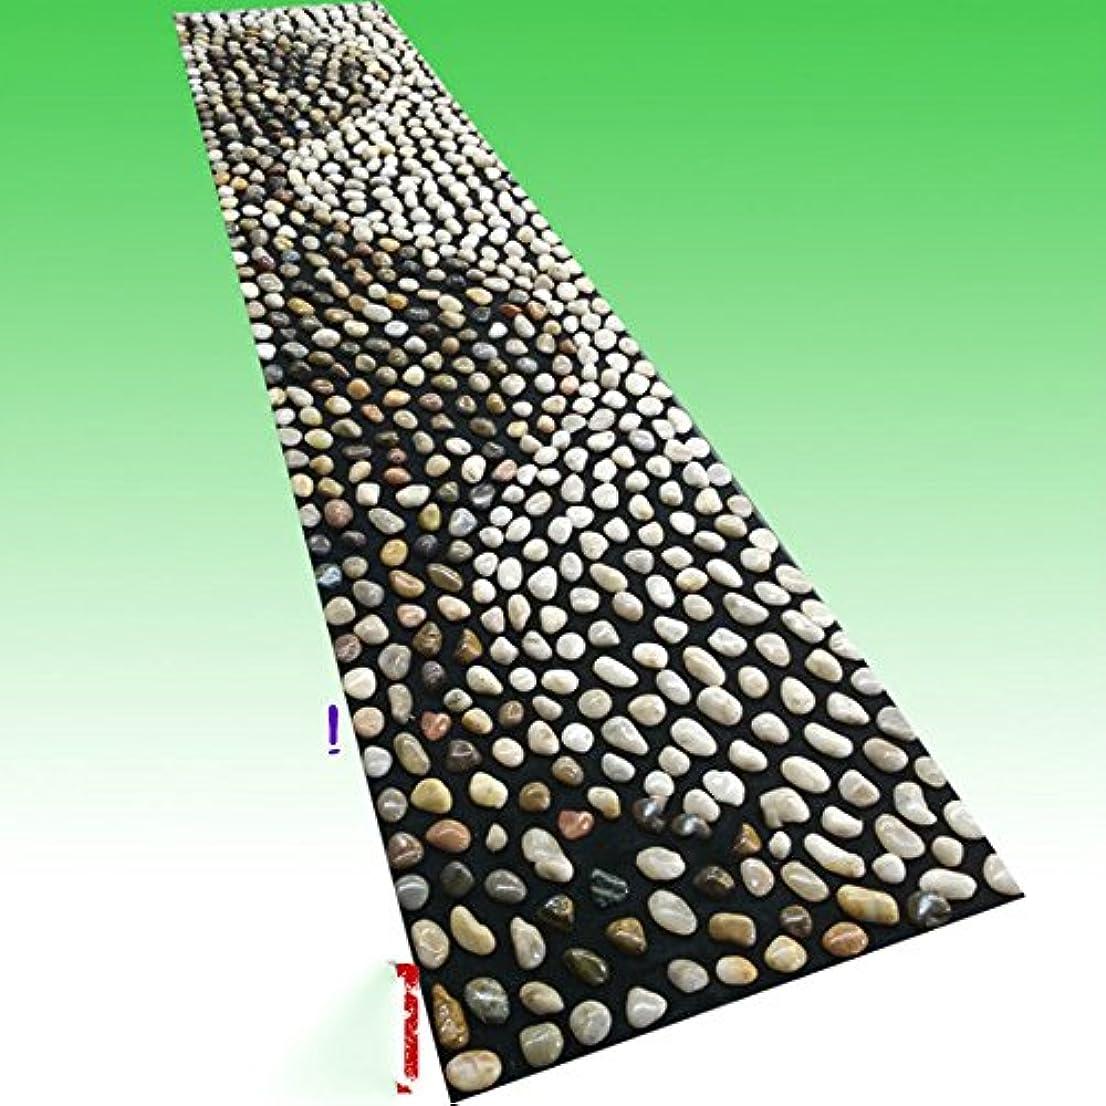 職人困惑した分類する足つぼ マット マッサージシート マッサージ 足裏 健康 ツボ刺激 折りたたみ ウォーキングマット 足裏マット 本物の健康 フットマッサージ 足のマッサージパッド 模造石畳の歩道